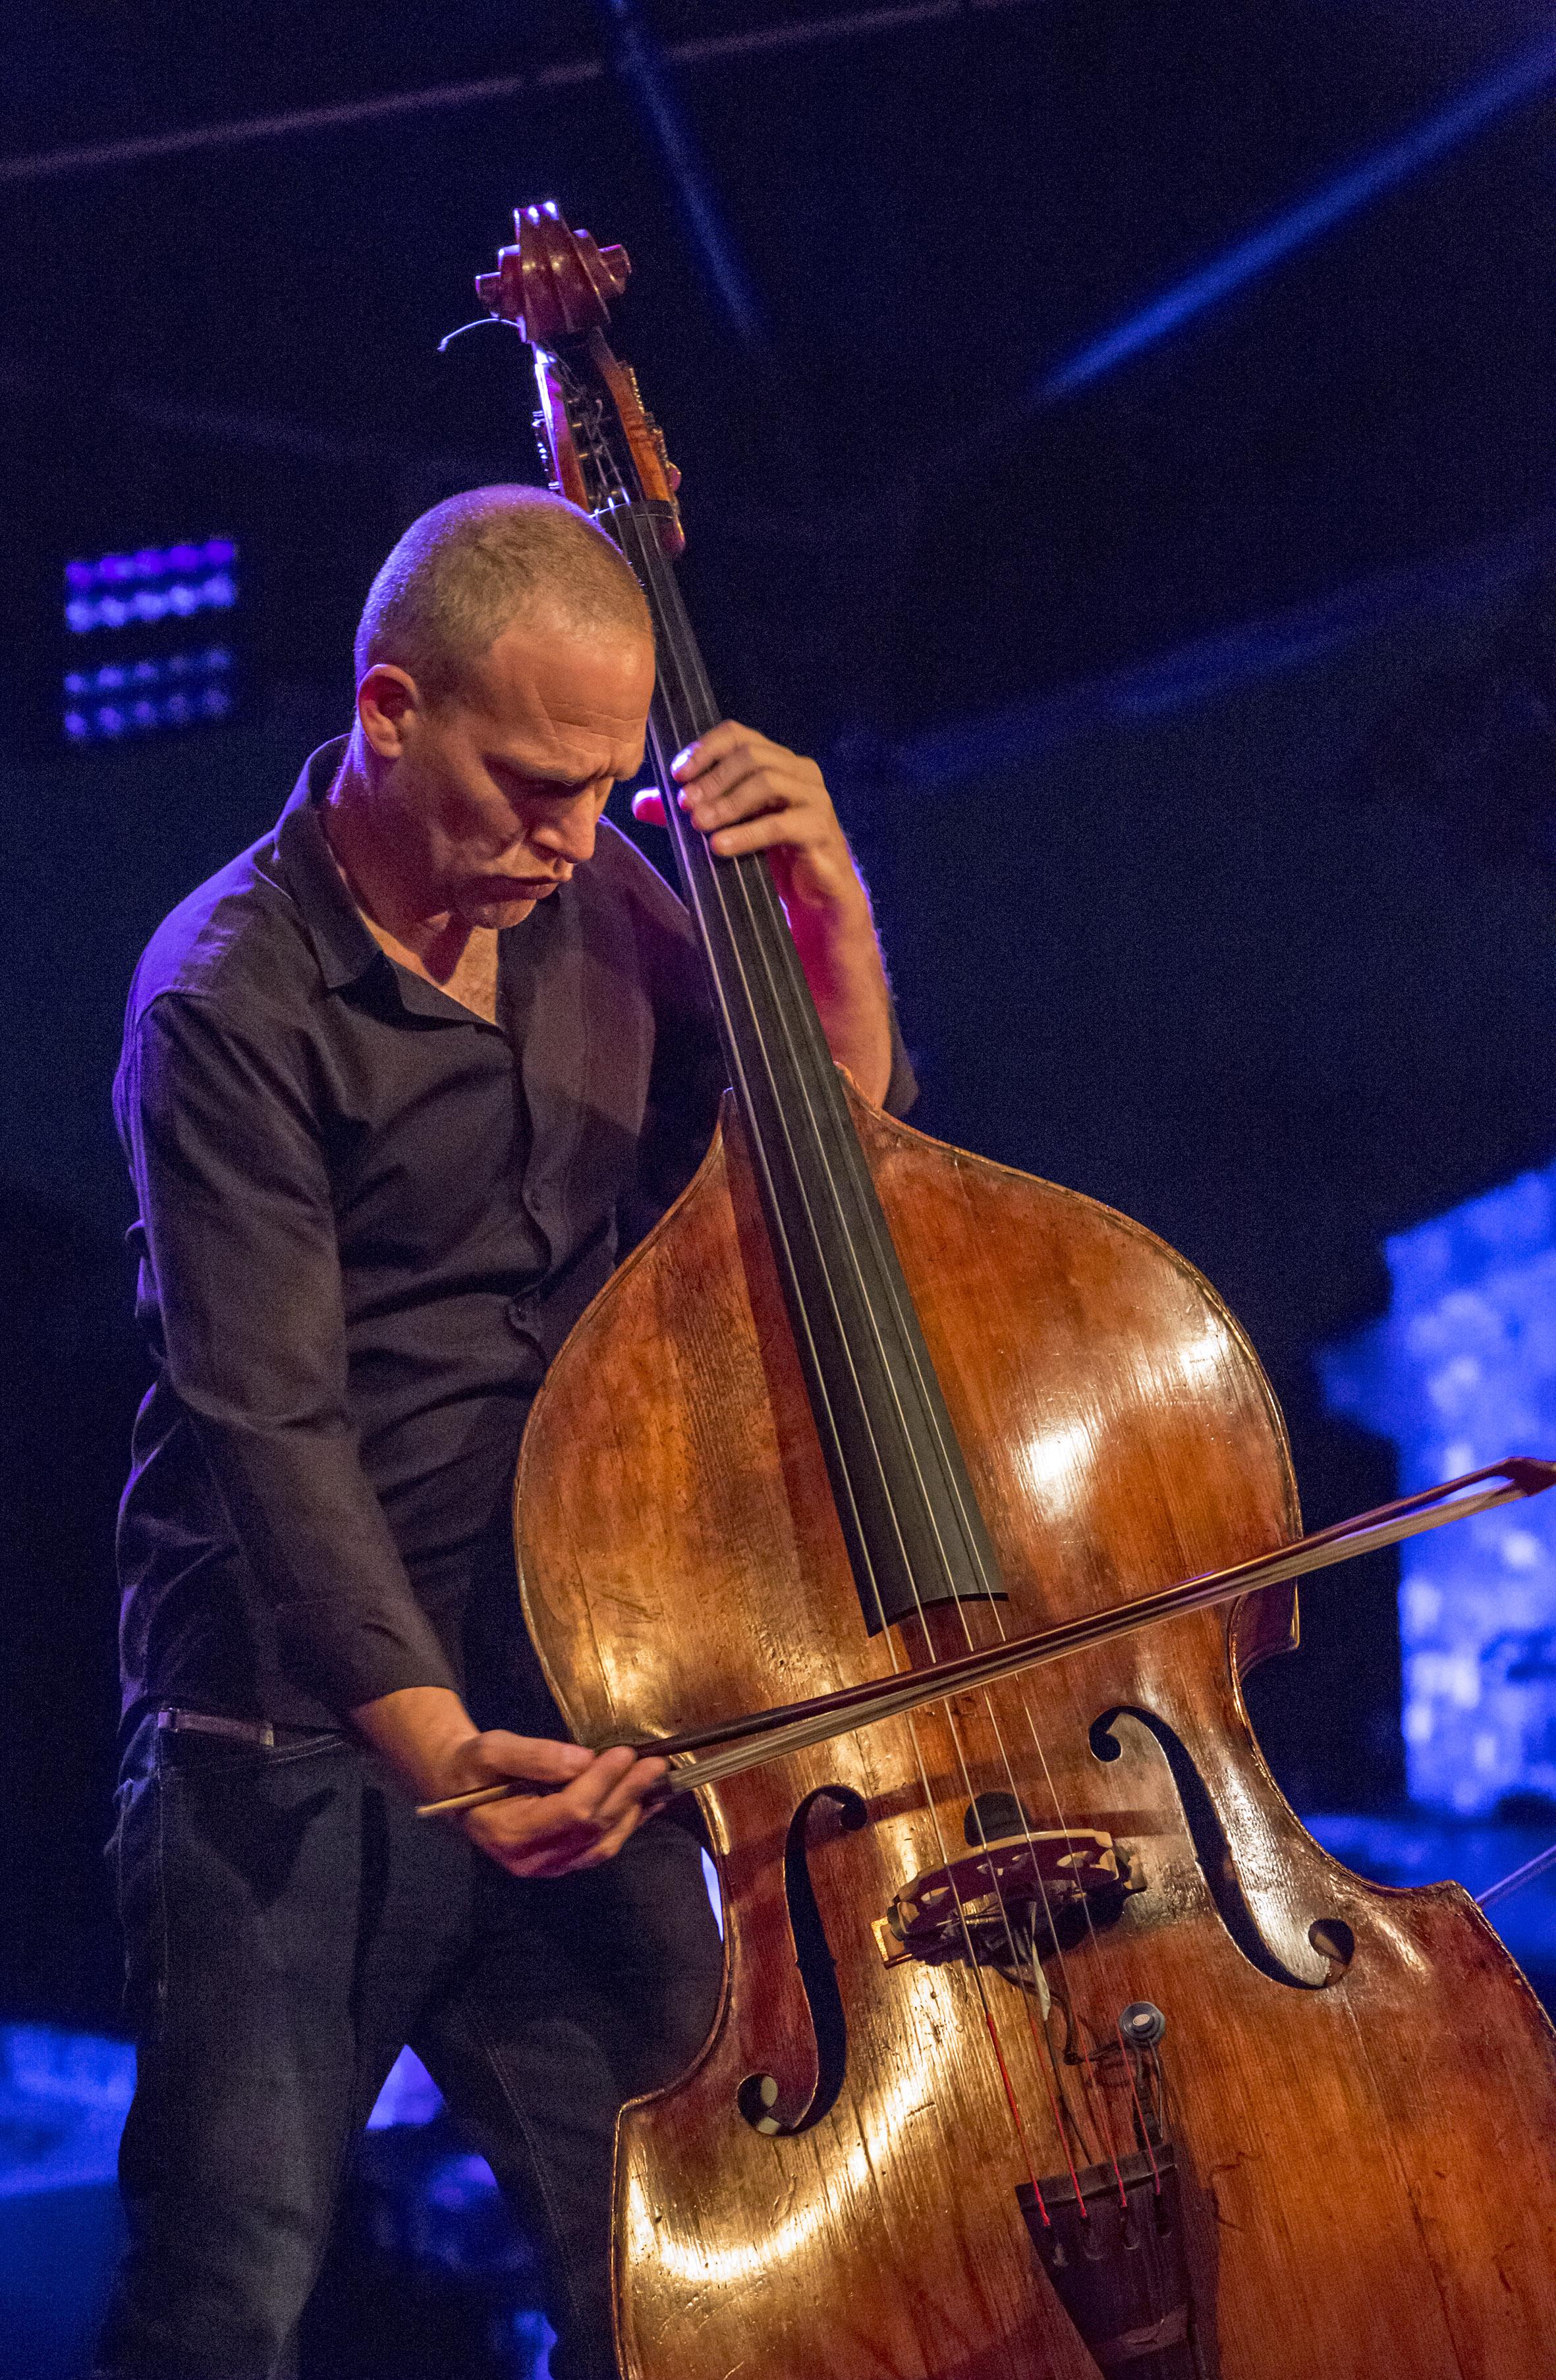 portraits-avishai-cohen-trio-festival-au gr+¿s-du jazz-la-petite-pierre-2014-marie-colette-becker-15